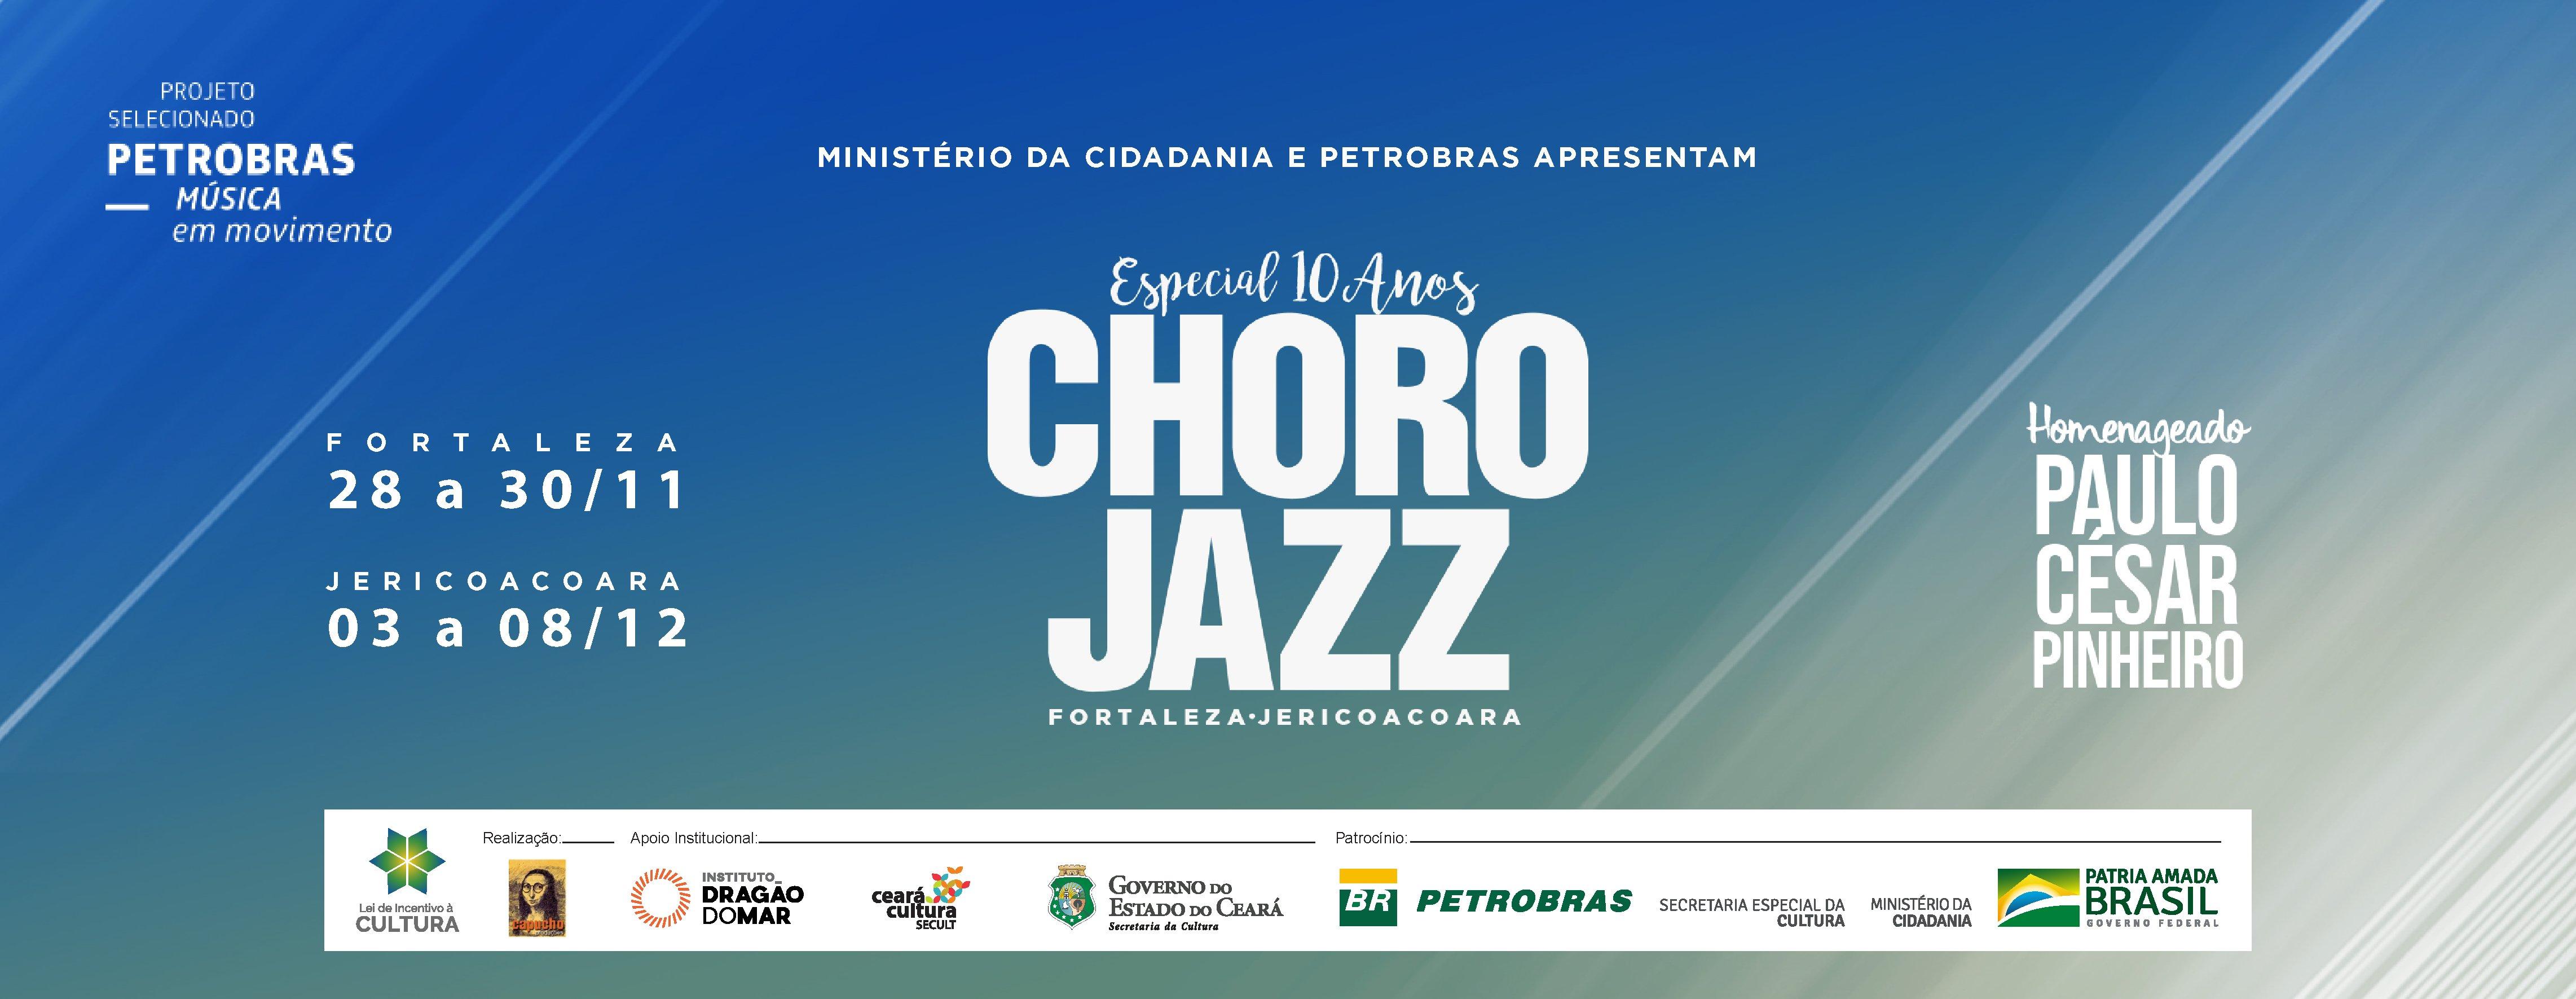 Especial 10 anos - Choro Jazz